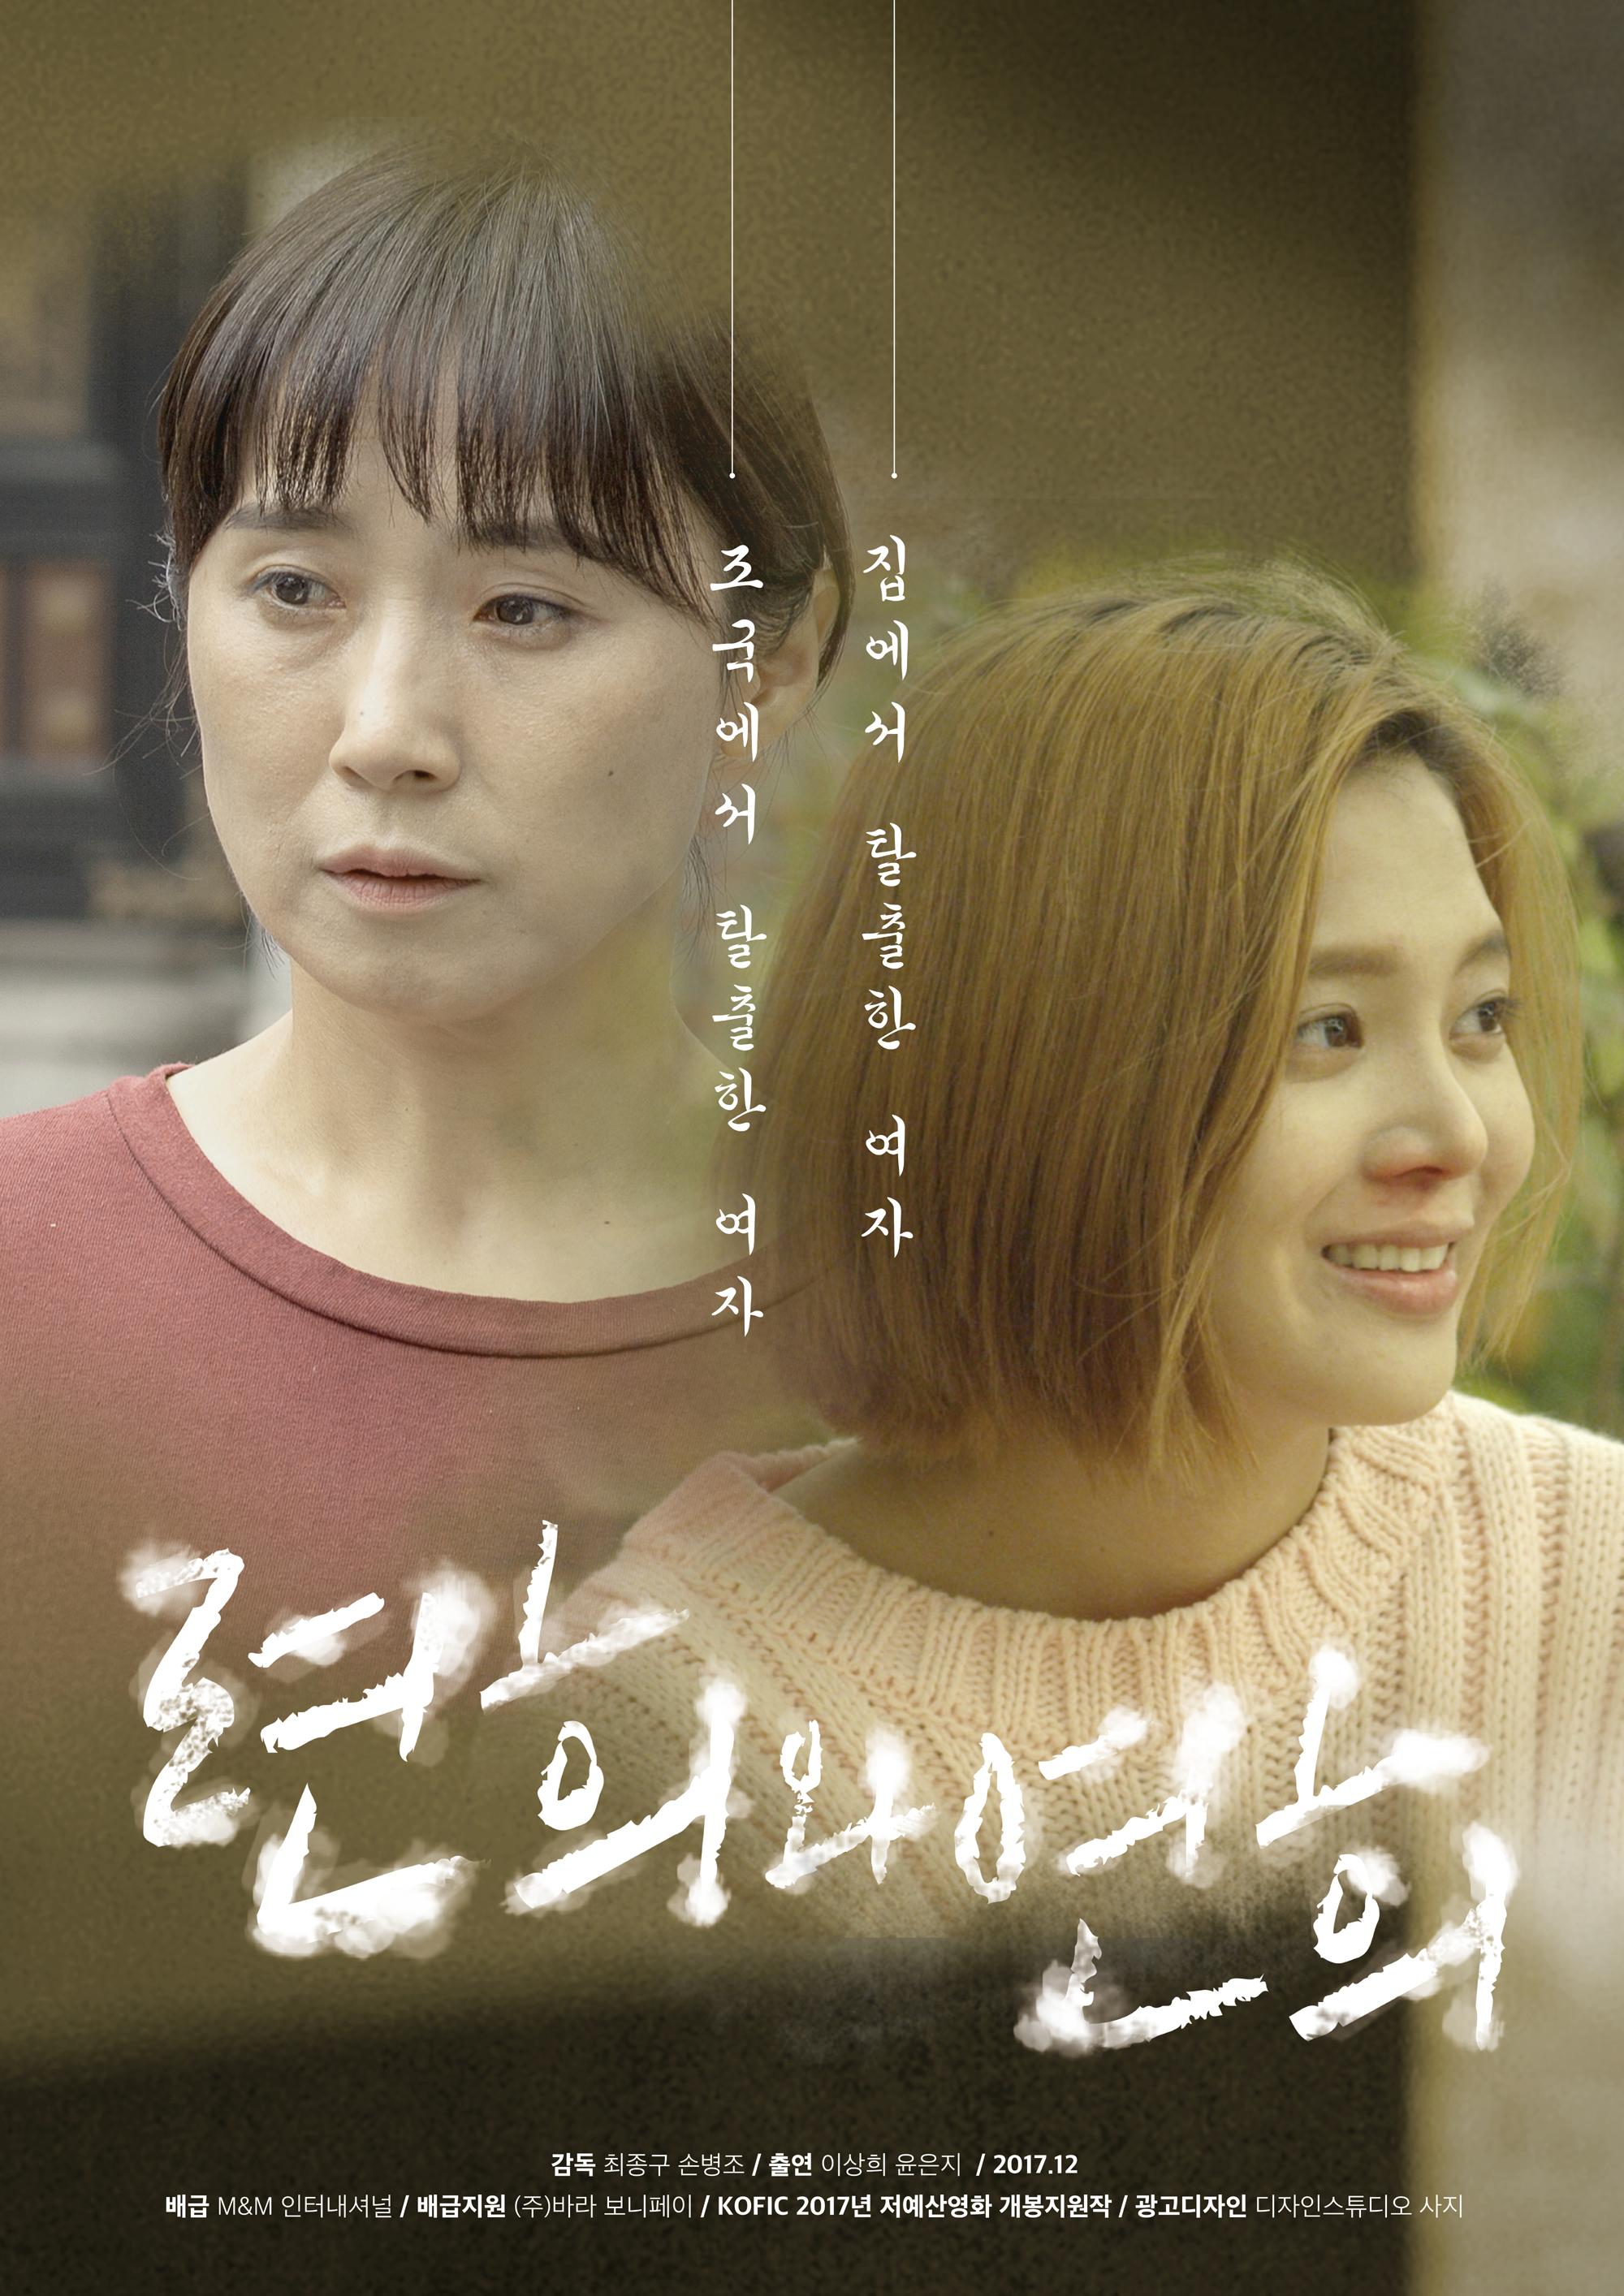 련희와 연희 (The Namesake, 2017)